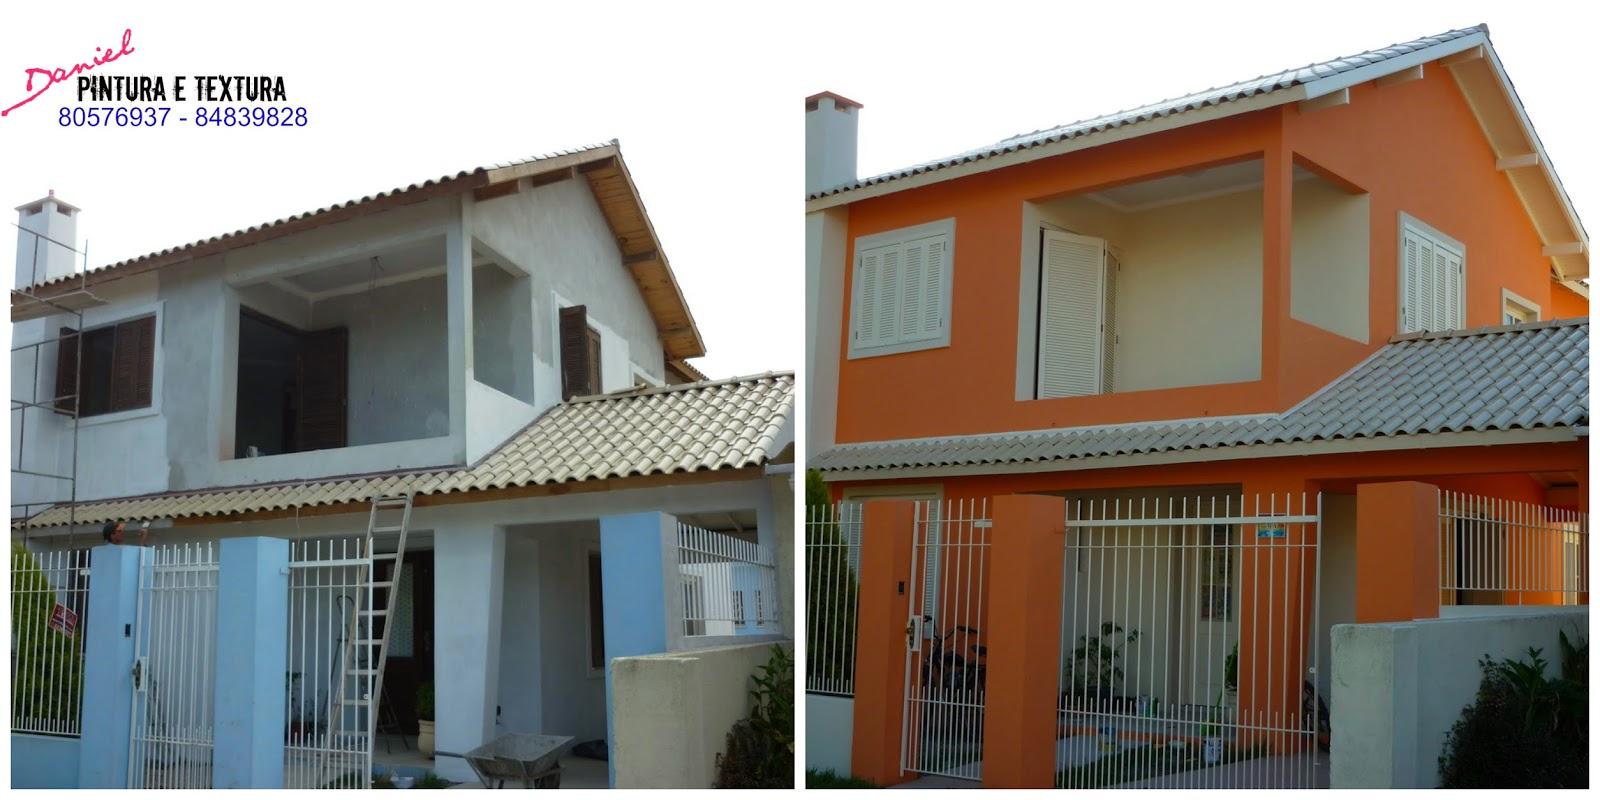 Texturas pinturas grafiato restaura o de fachada - Pinturas para fachadas de casas ...